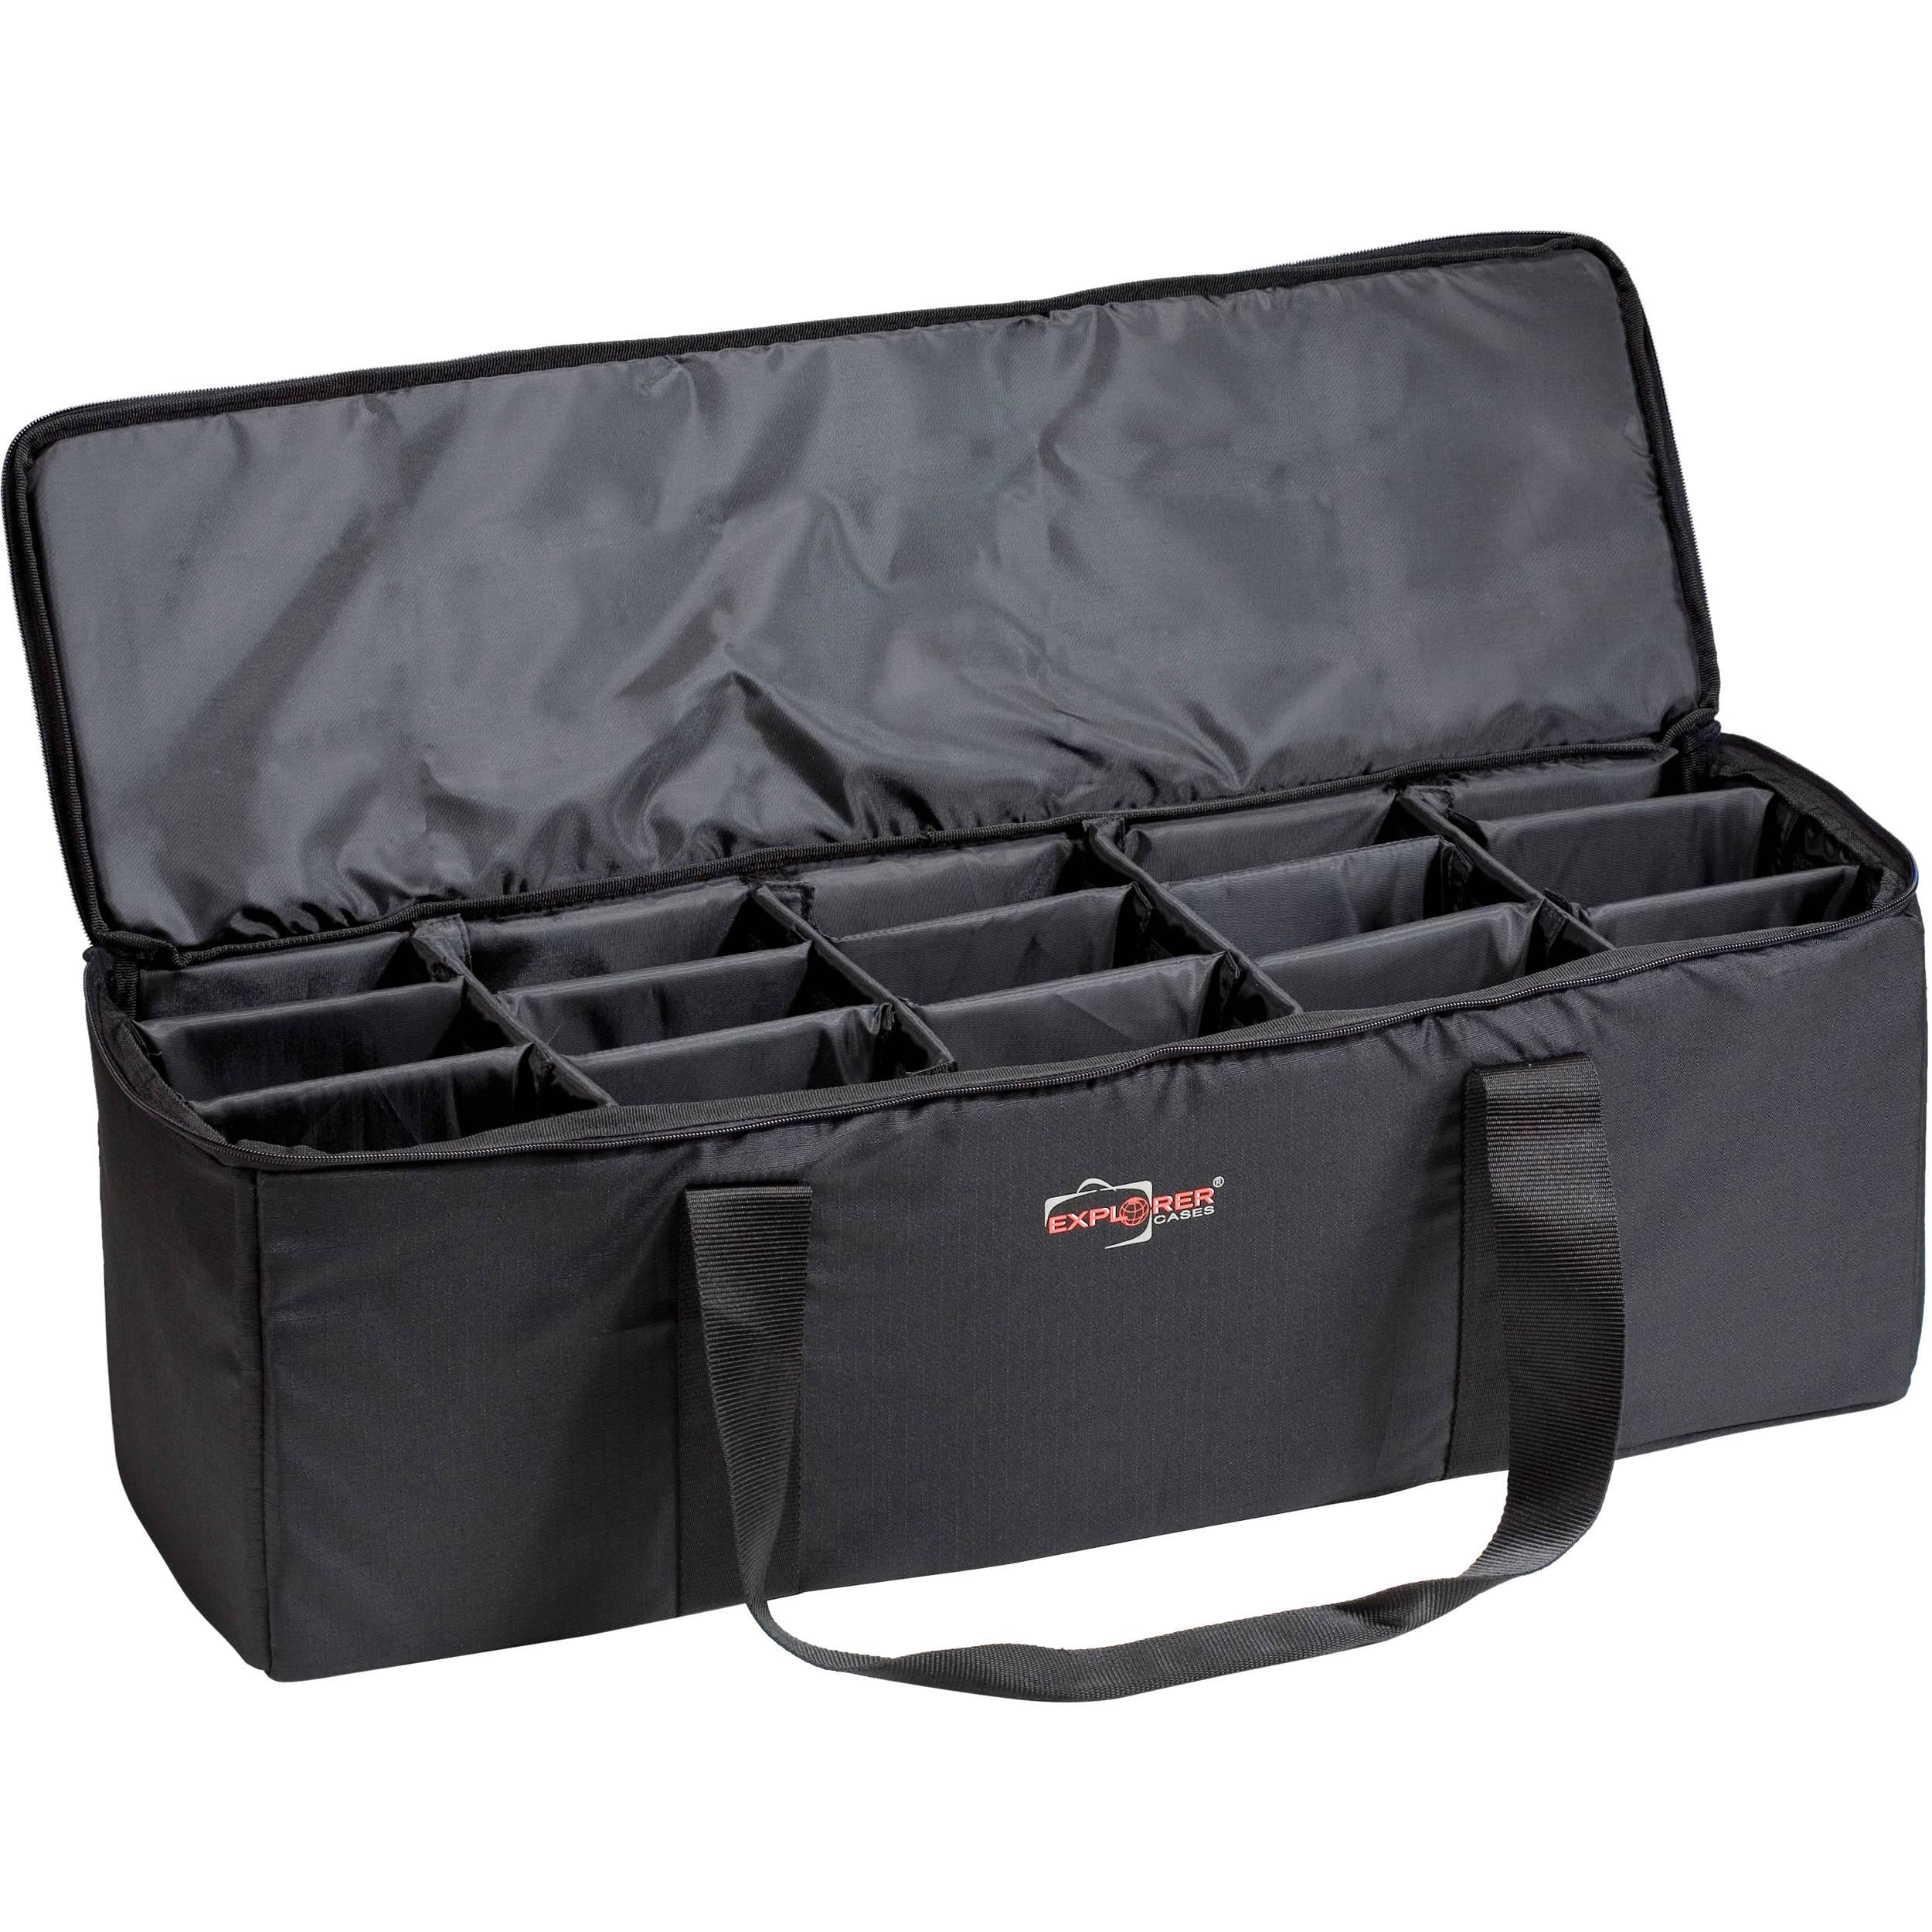 Explorer Cases Bag M Padded With Adjule Dividers Black